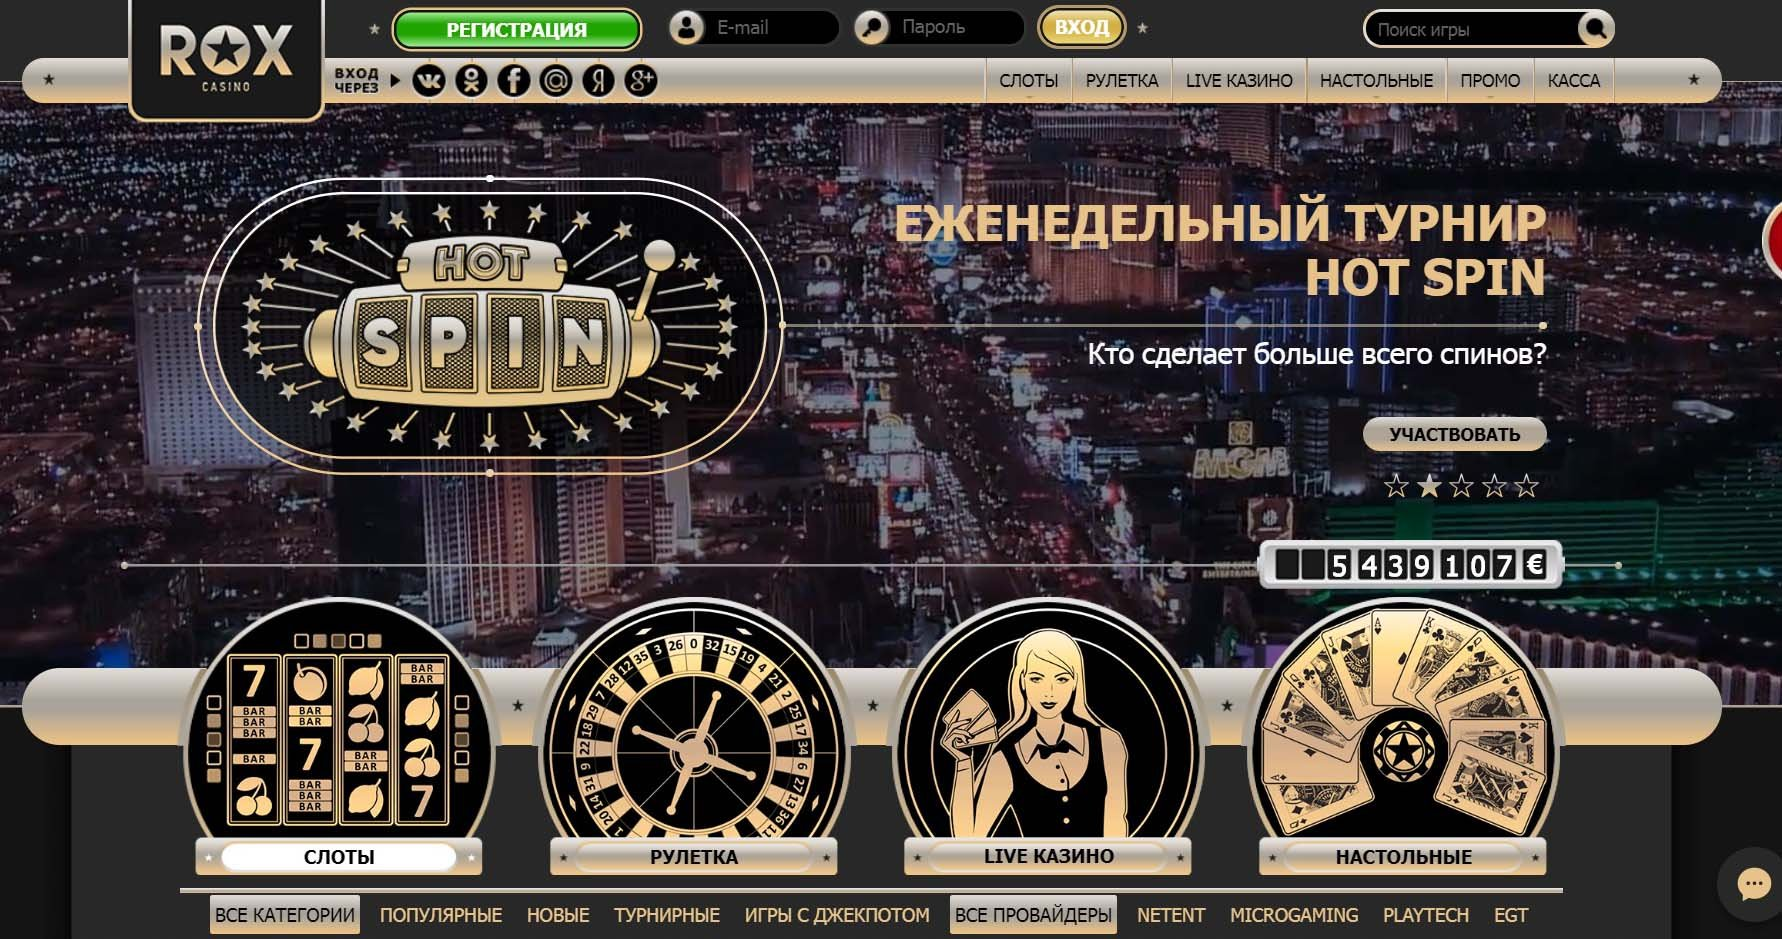 Картинки по запросу Rox Casino